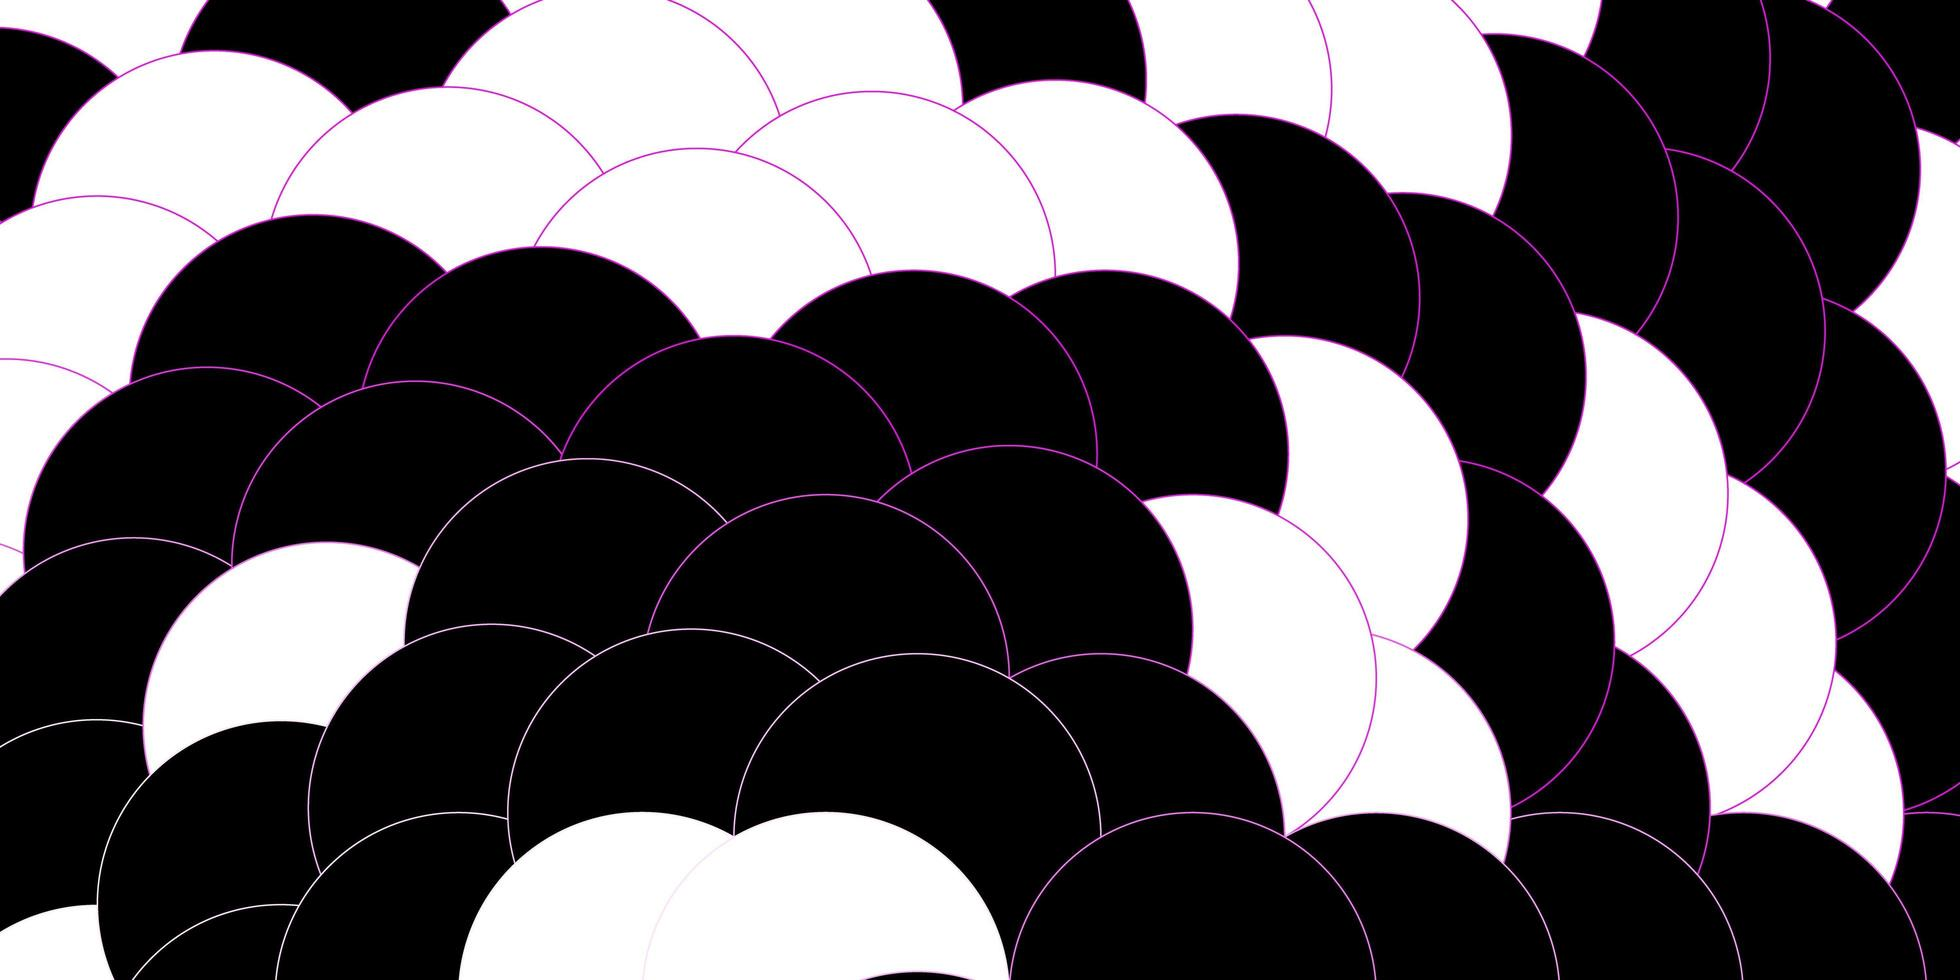 dunkelviolettes, rosa Vektorlayout mit Kreisformen. vektor